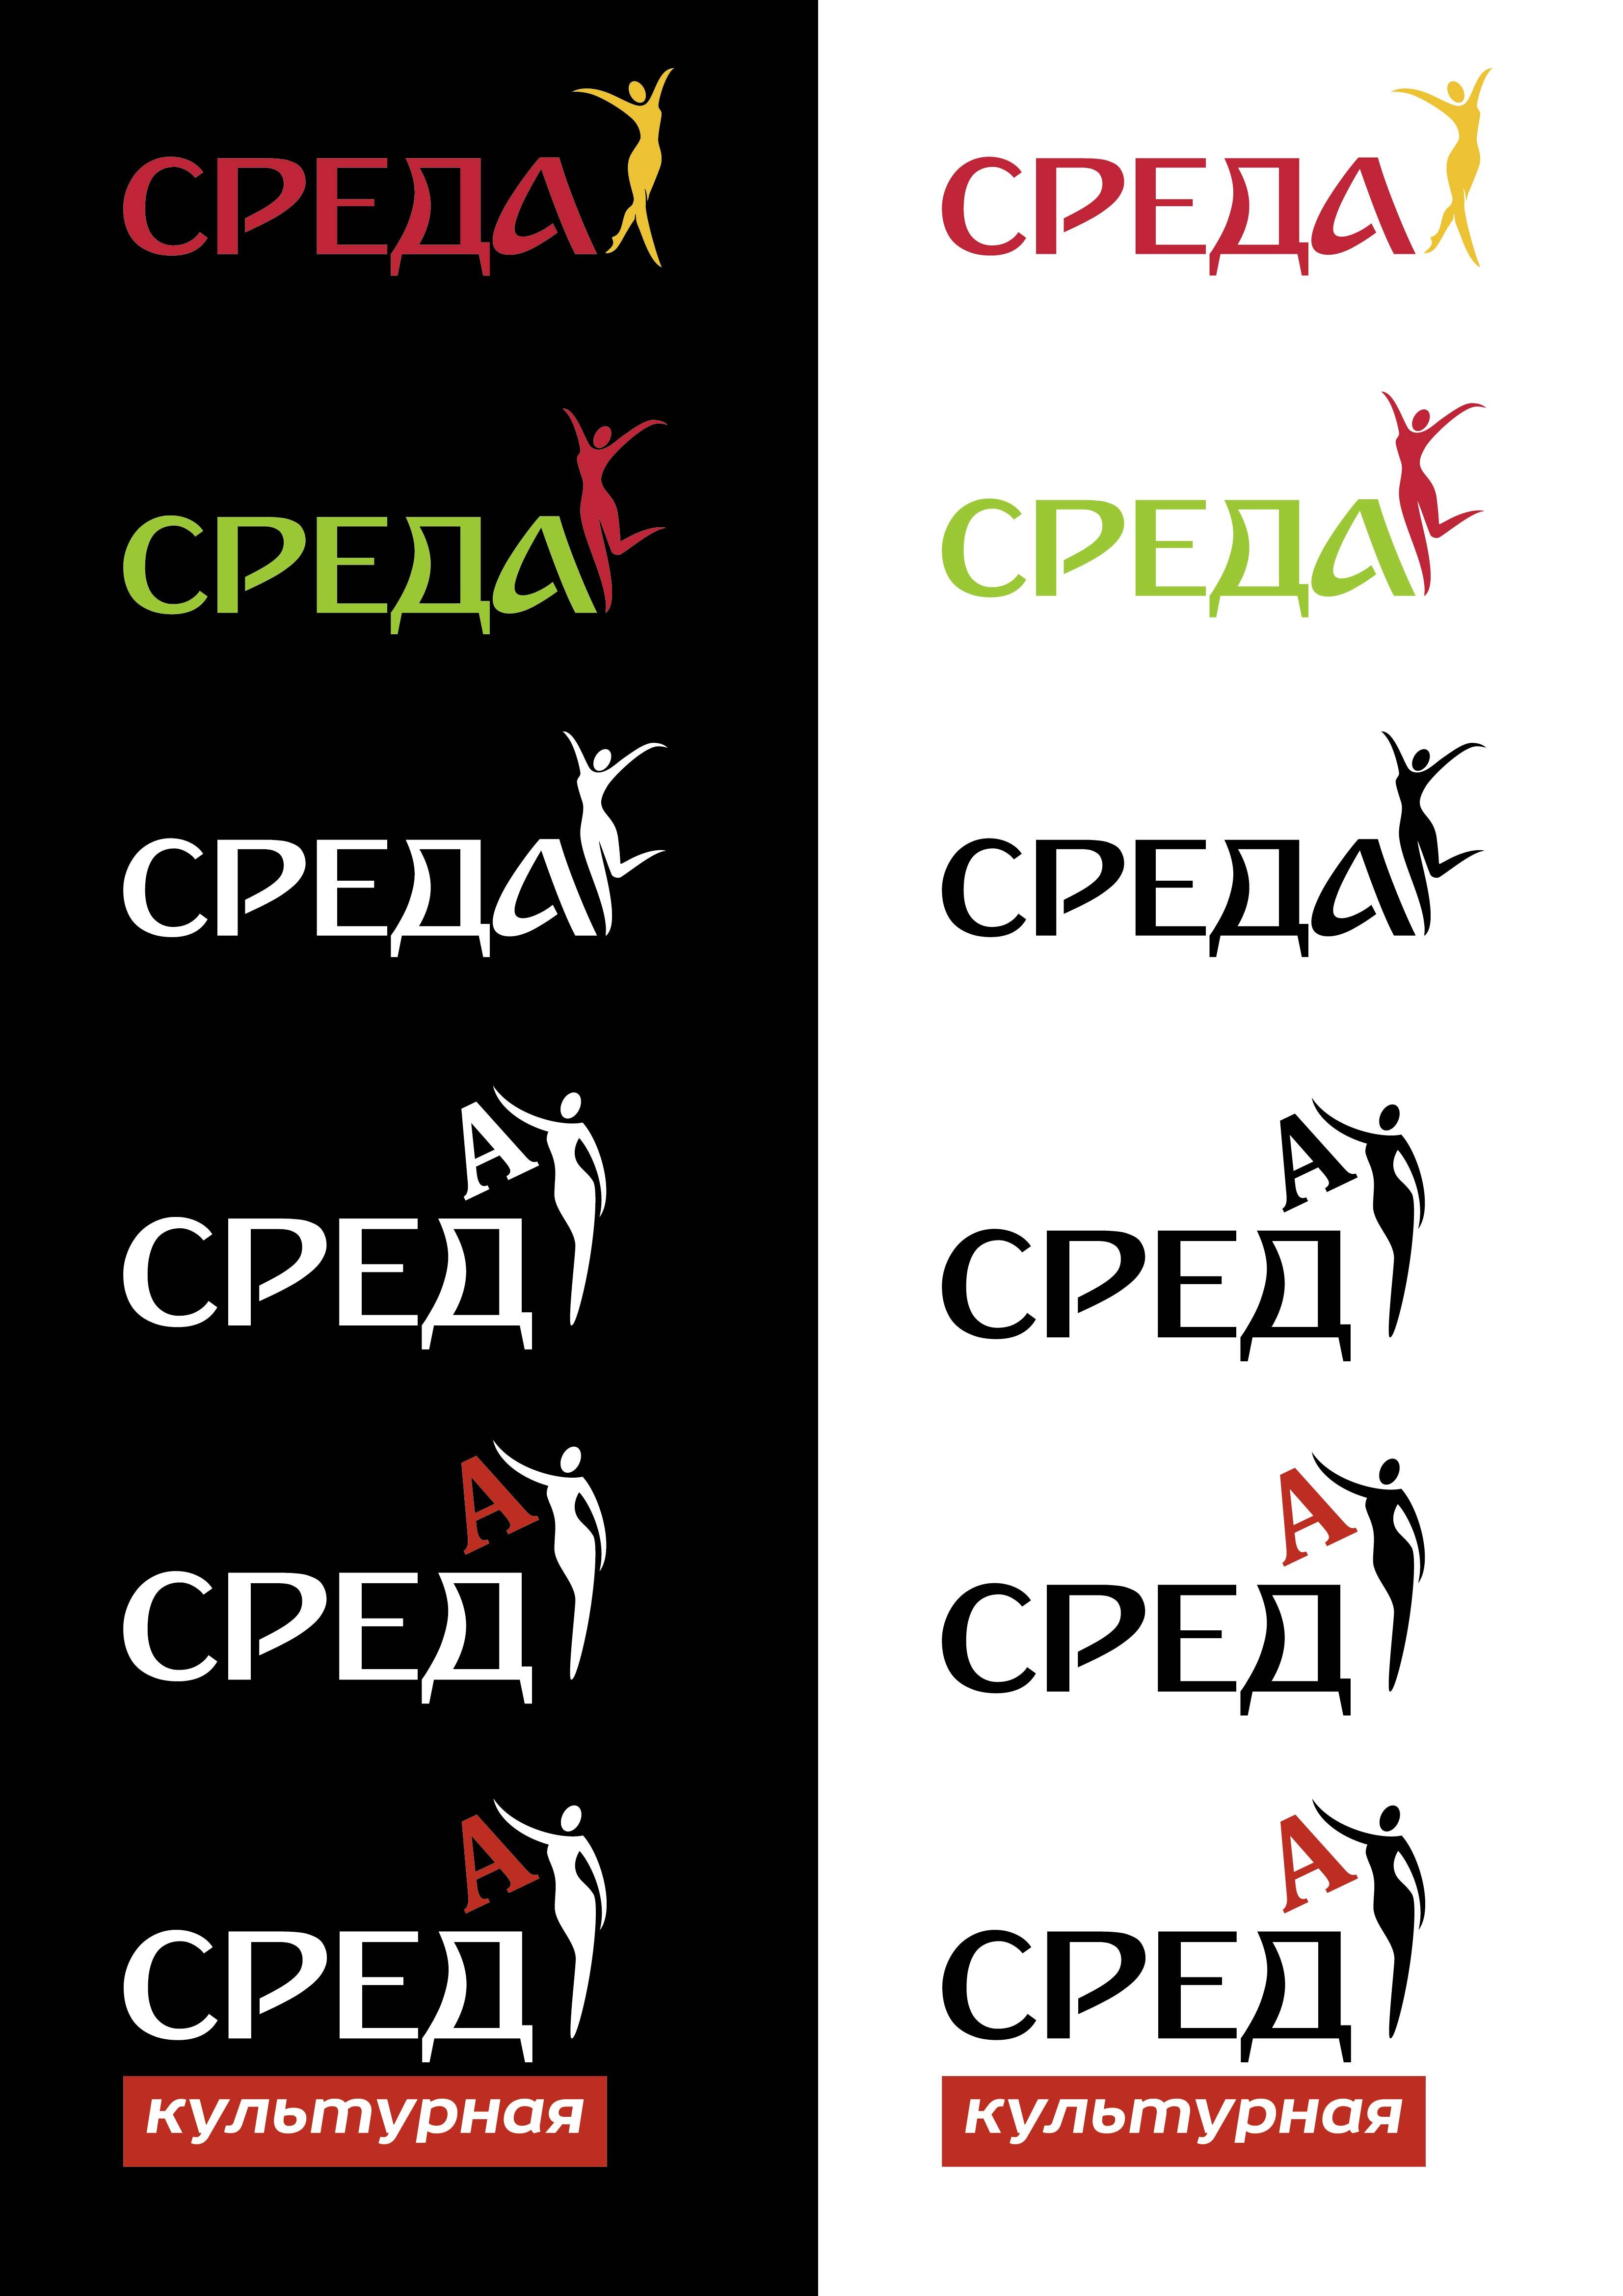 Разработка логотипа для творческого портала фото f_4365b45cd0fedd09.jpg